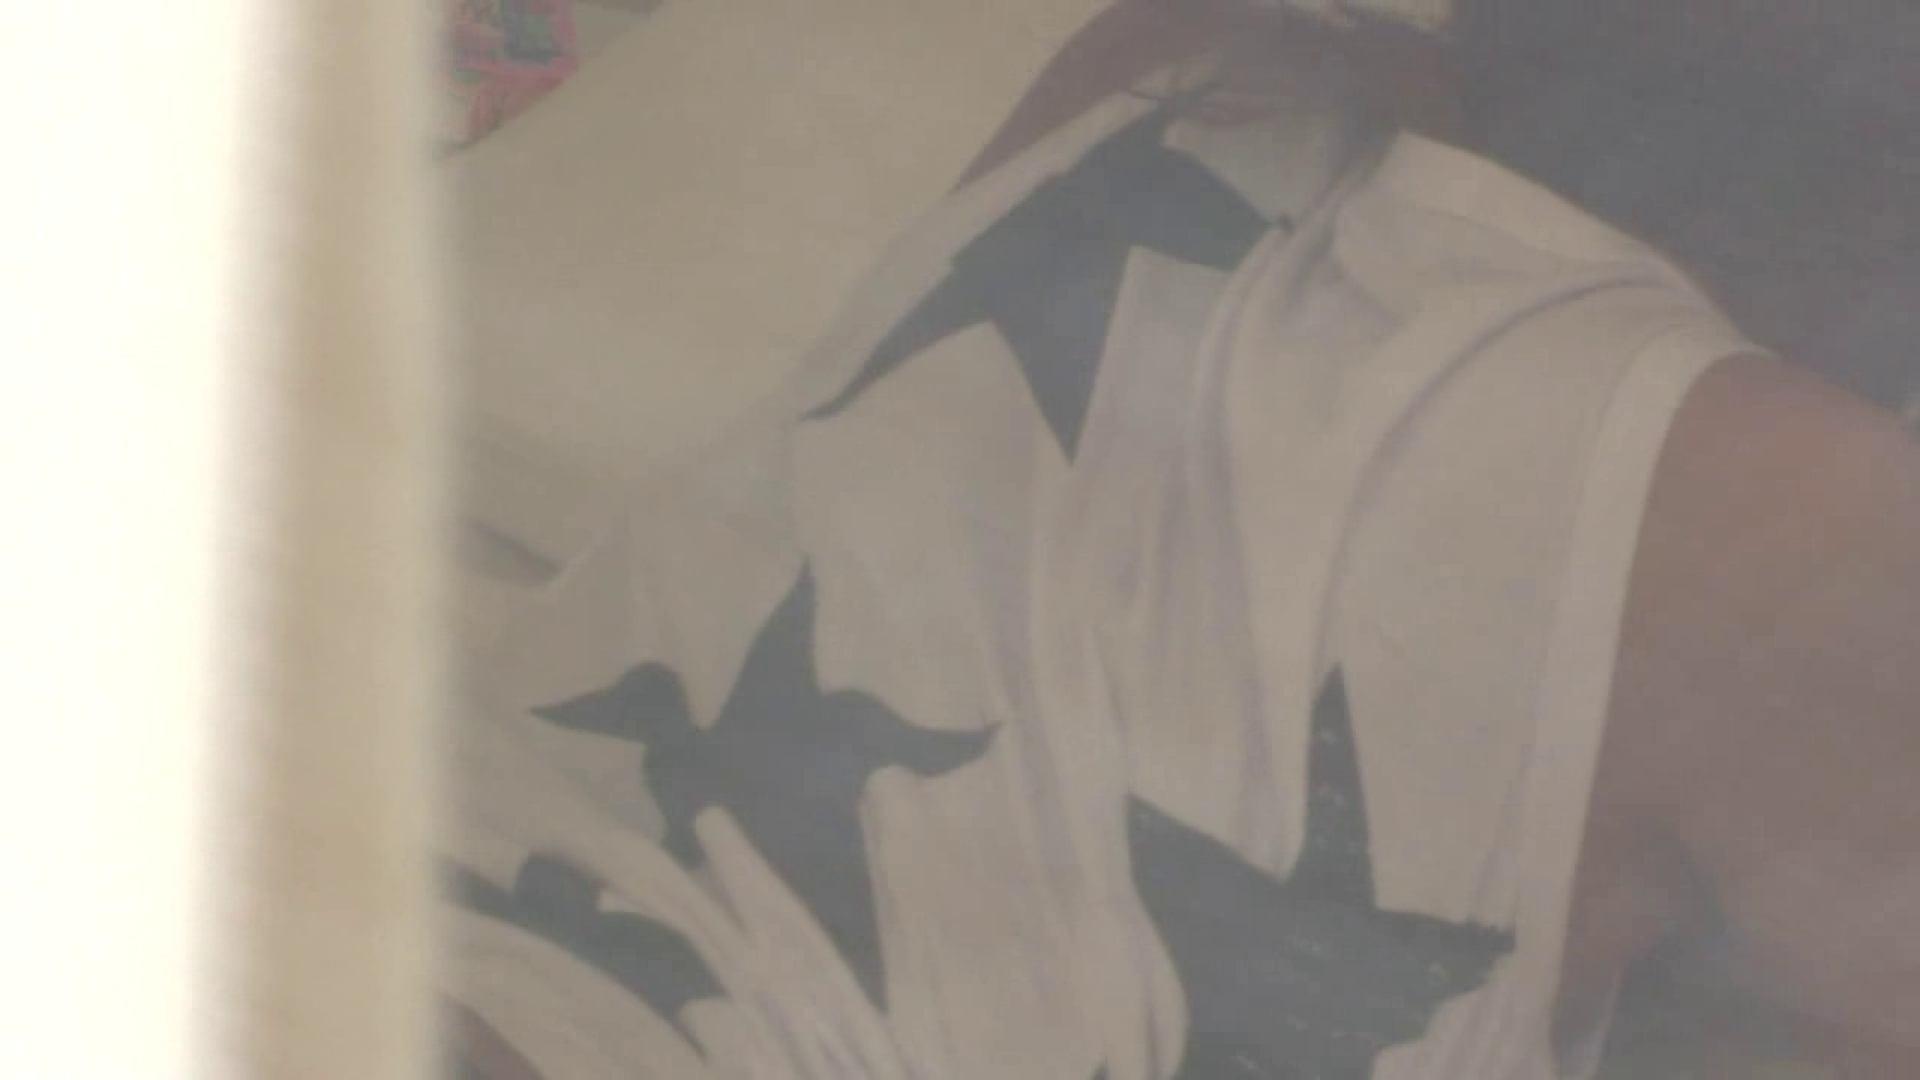 老舗ペンション2代目オーナーが流出したお宝映像Vol.2 OLの実態  92pic 34